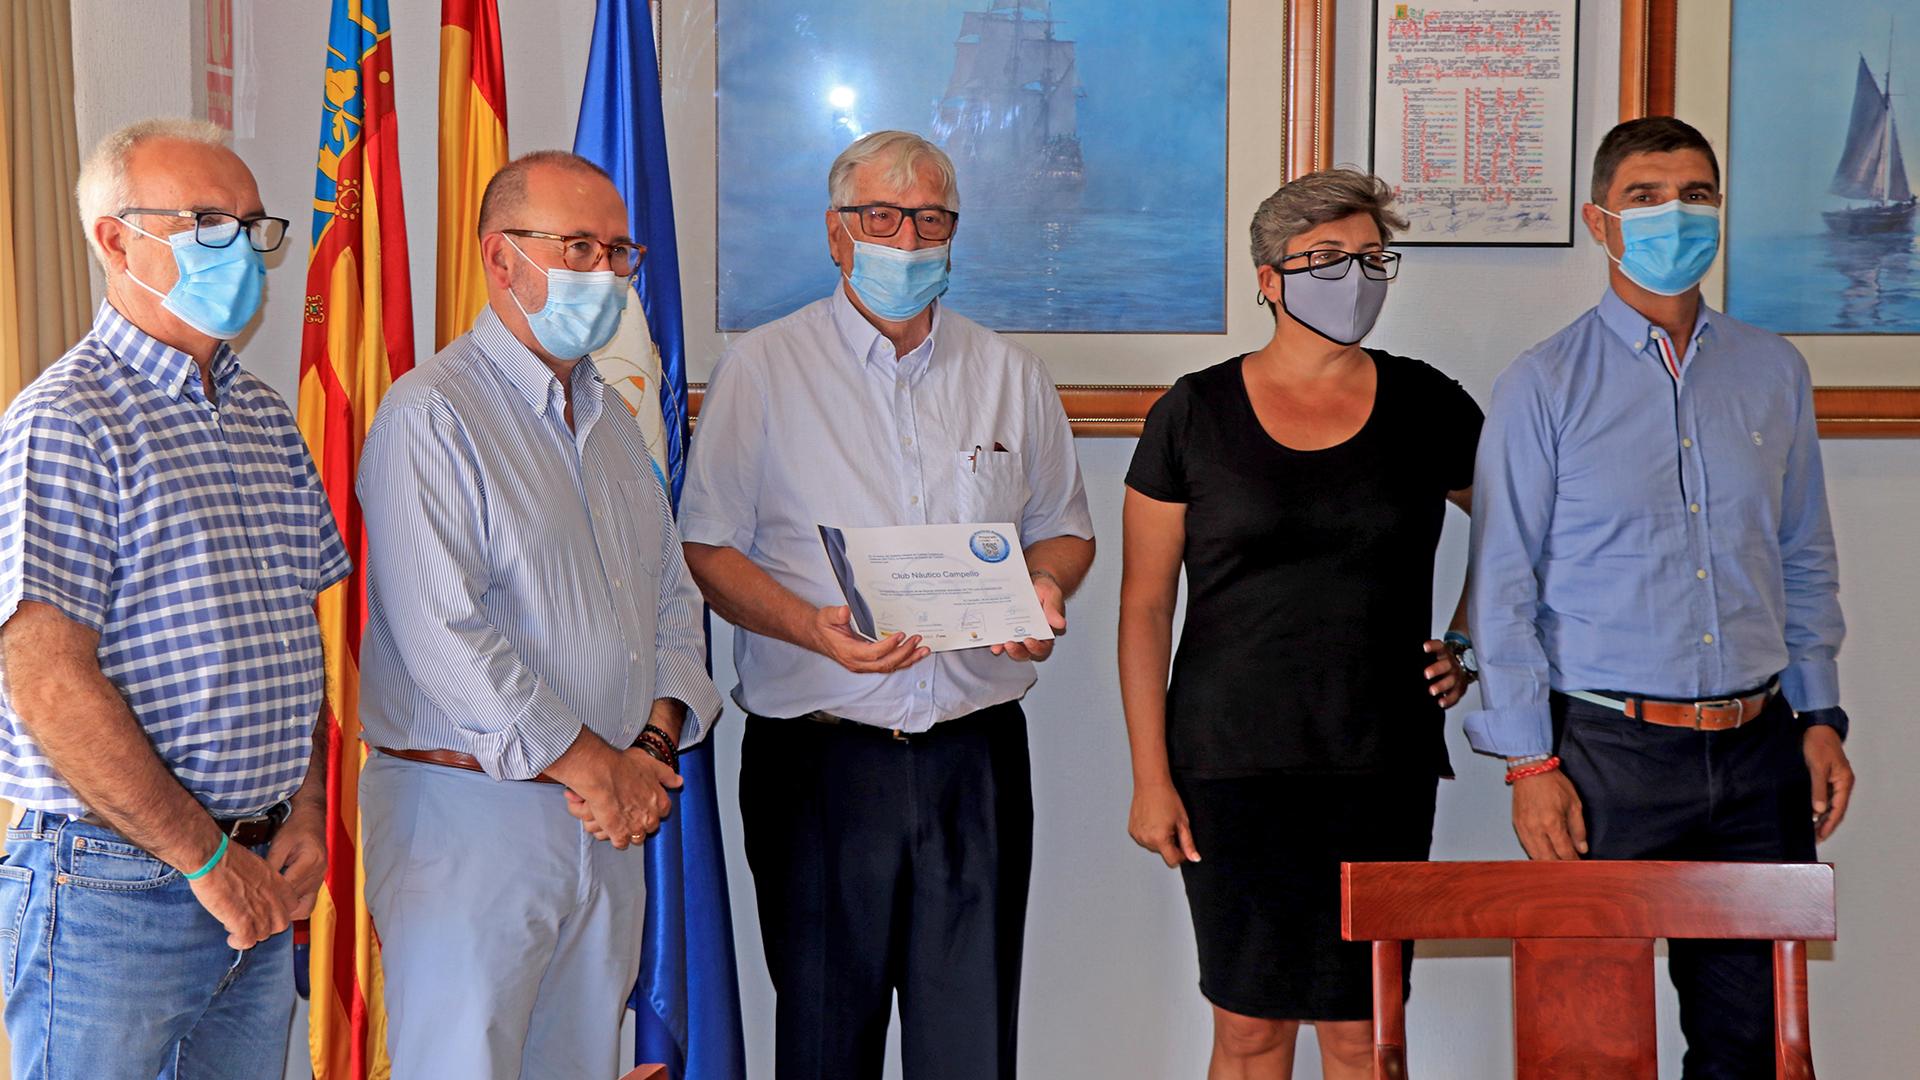 El Presidente del CNC, Miguel Baena, recibe de manos del Alcalde de El  Campello, Juan José Berenguer, junto a la Concejal de Turismo del  municipio campellero, Marisa Navarro